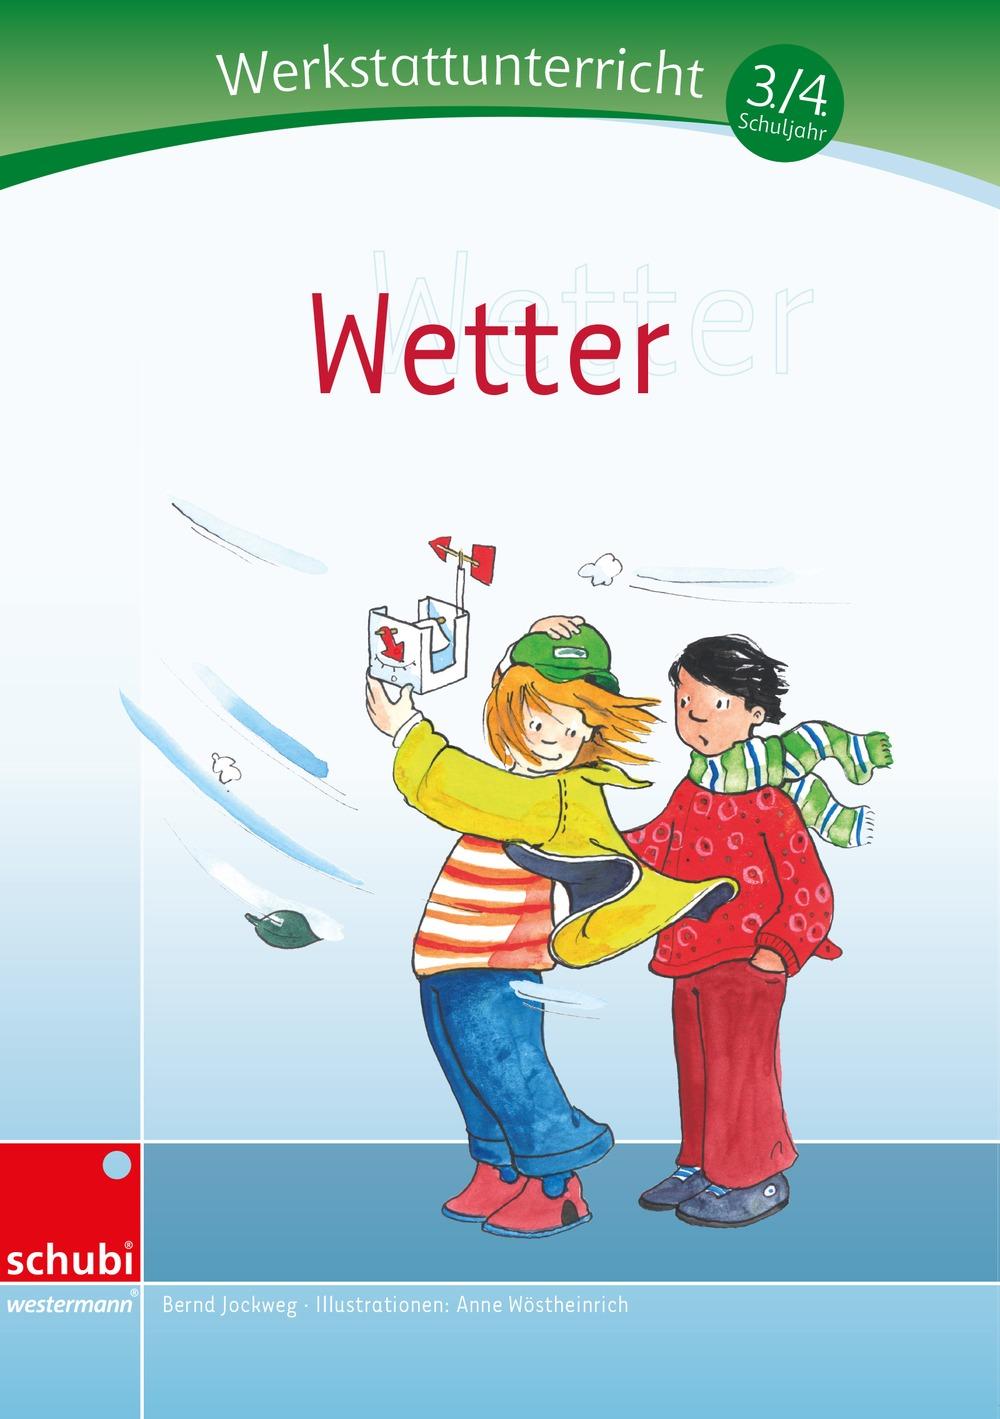 Wetter - SCHUBI